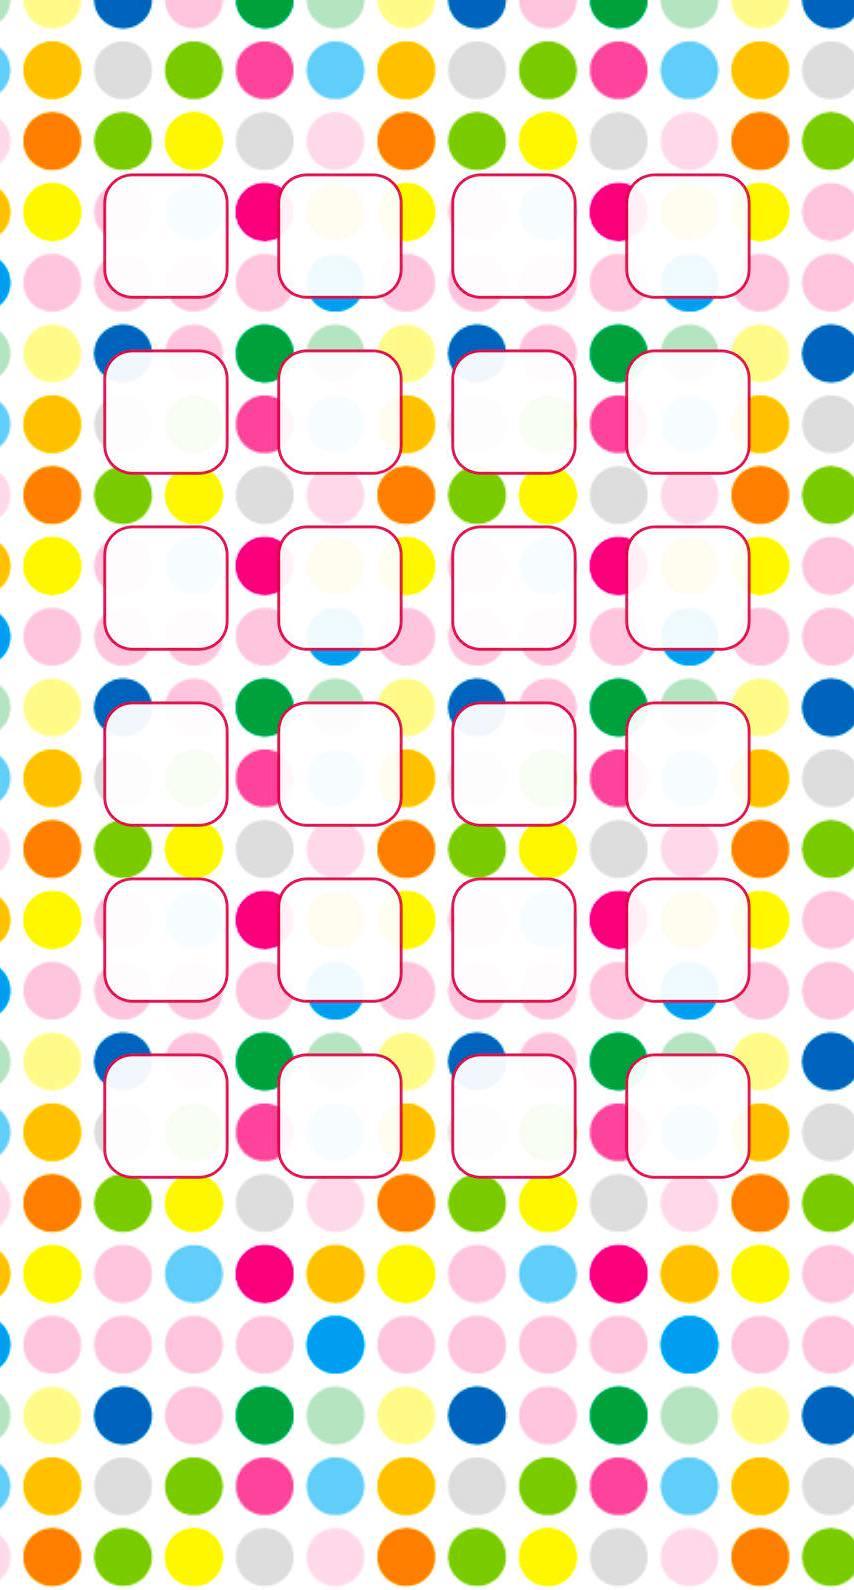 Polka Dot Pattern Colorful Shelves For Girls Wallpaper Sc